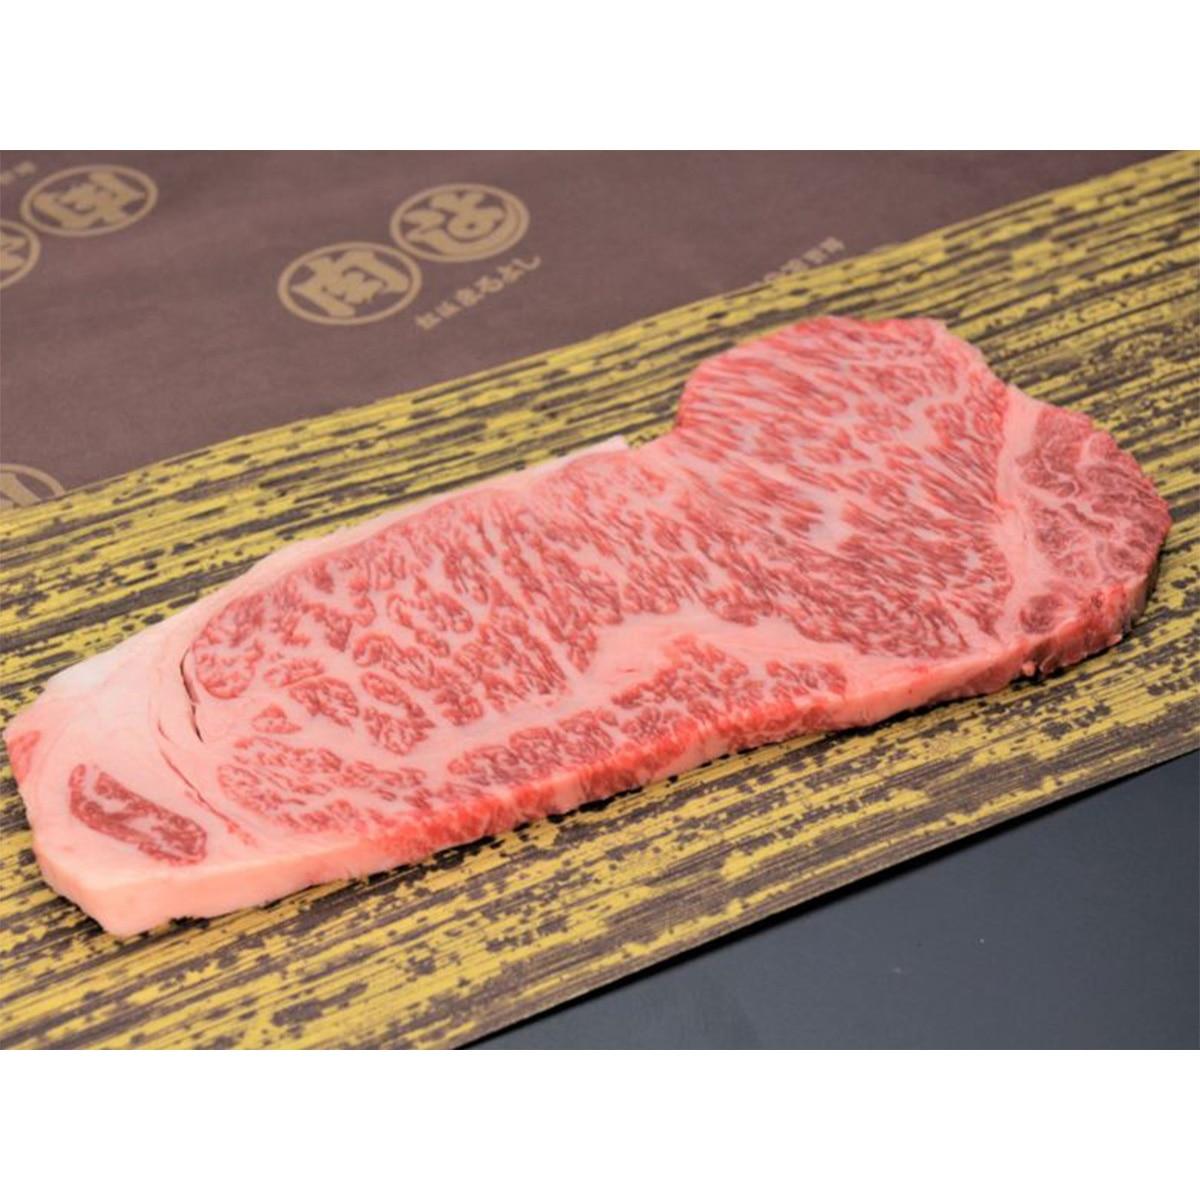 まるよし 松阪牛サーロインステーキ 200g×1枚